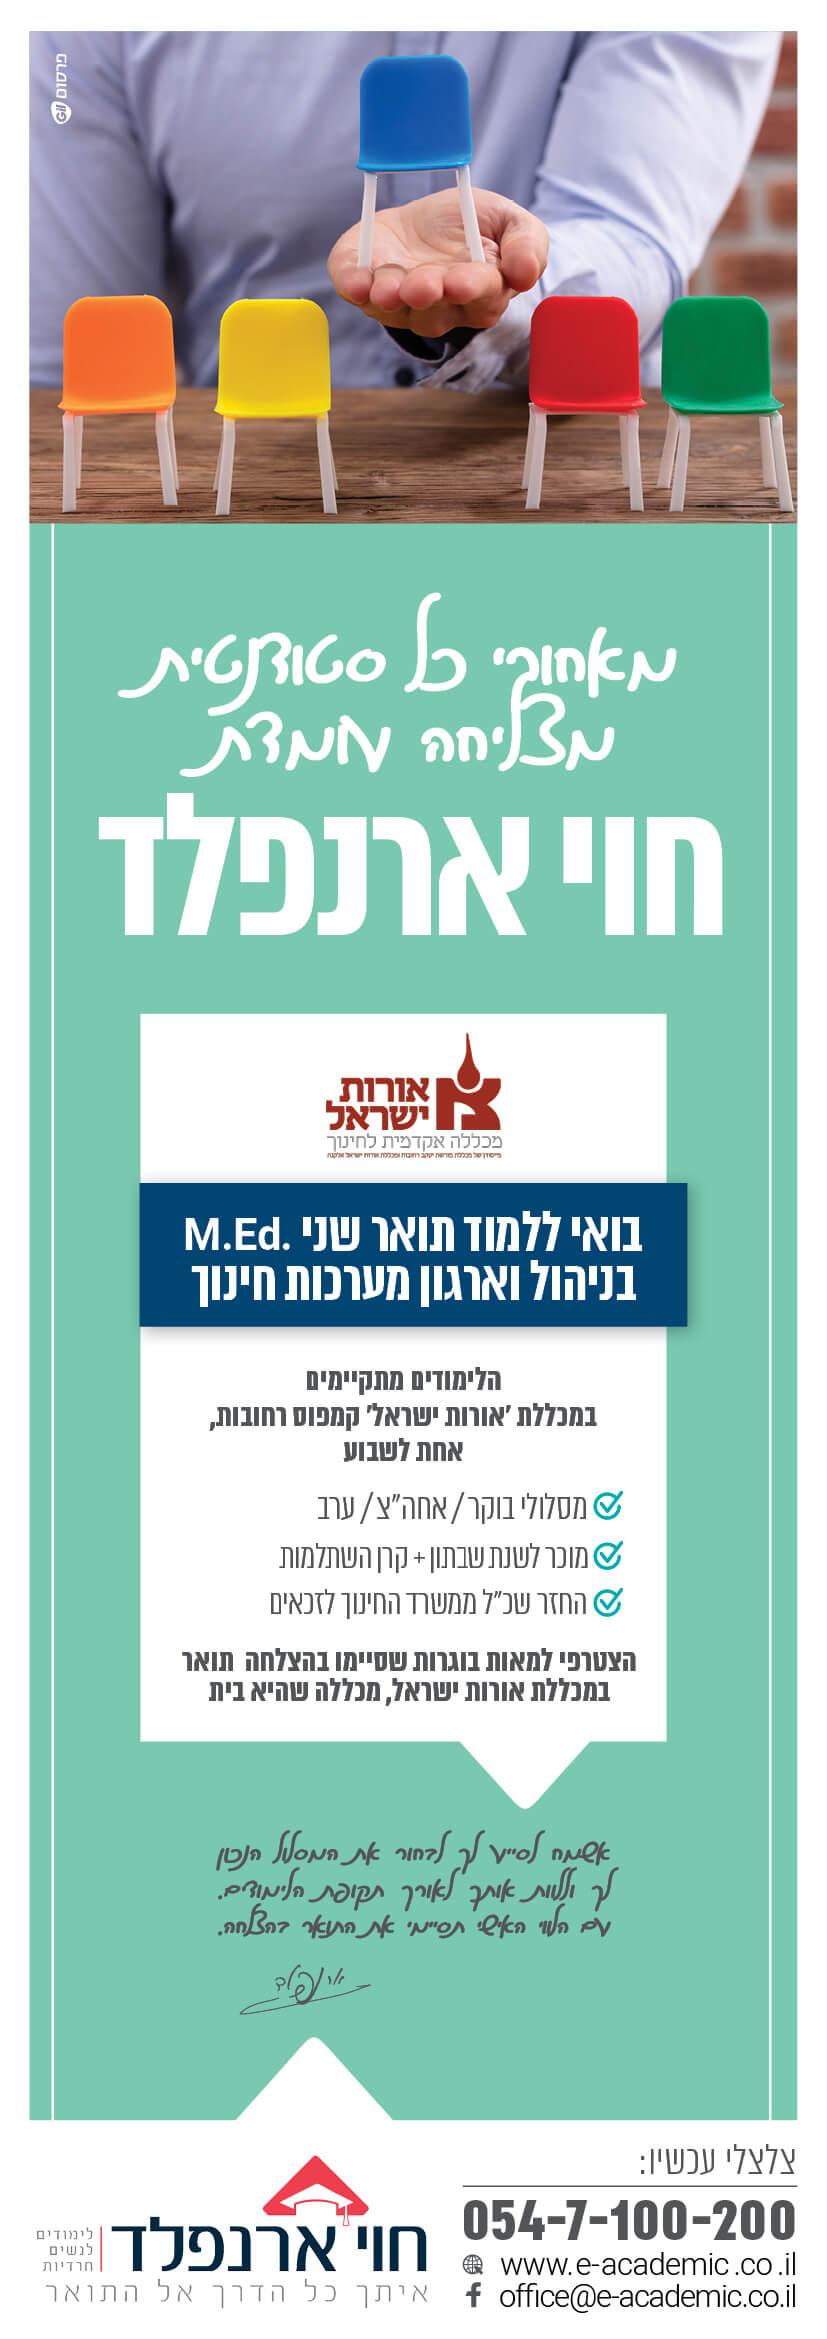 גיל פרסום בקמפיין ראשון למותג חוי ארנפלד אקדמיק 4